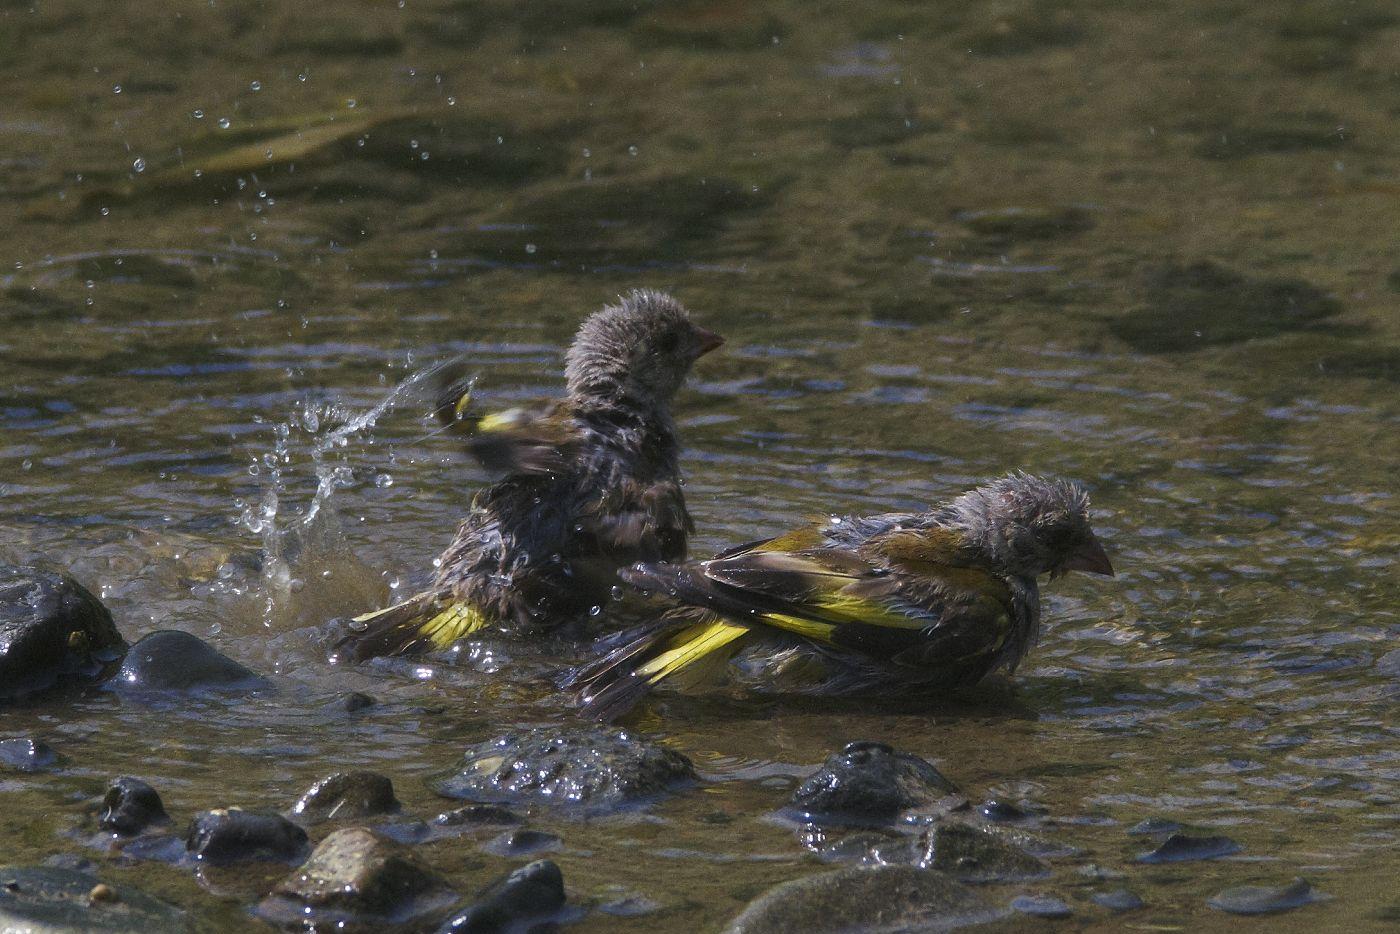 AFボーグ BORG71FLで撮影した野鳥・カワラヒワの水浴びの写真画像